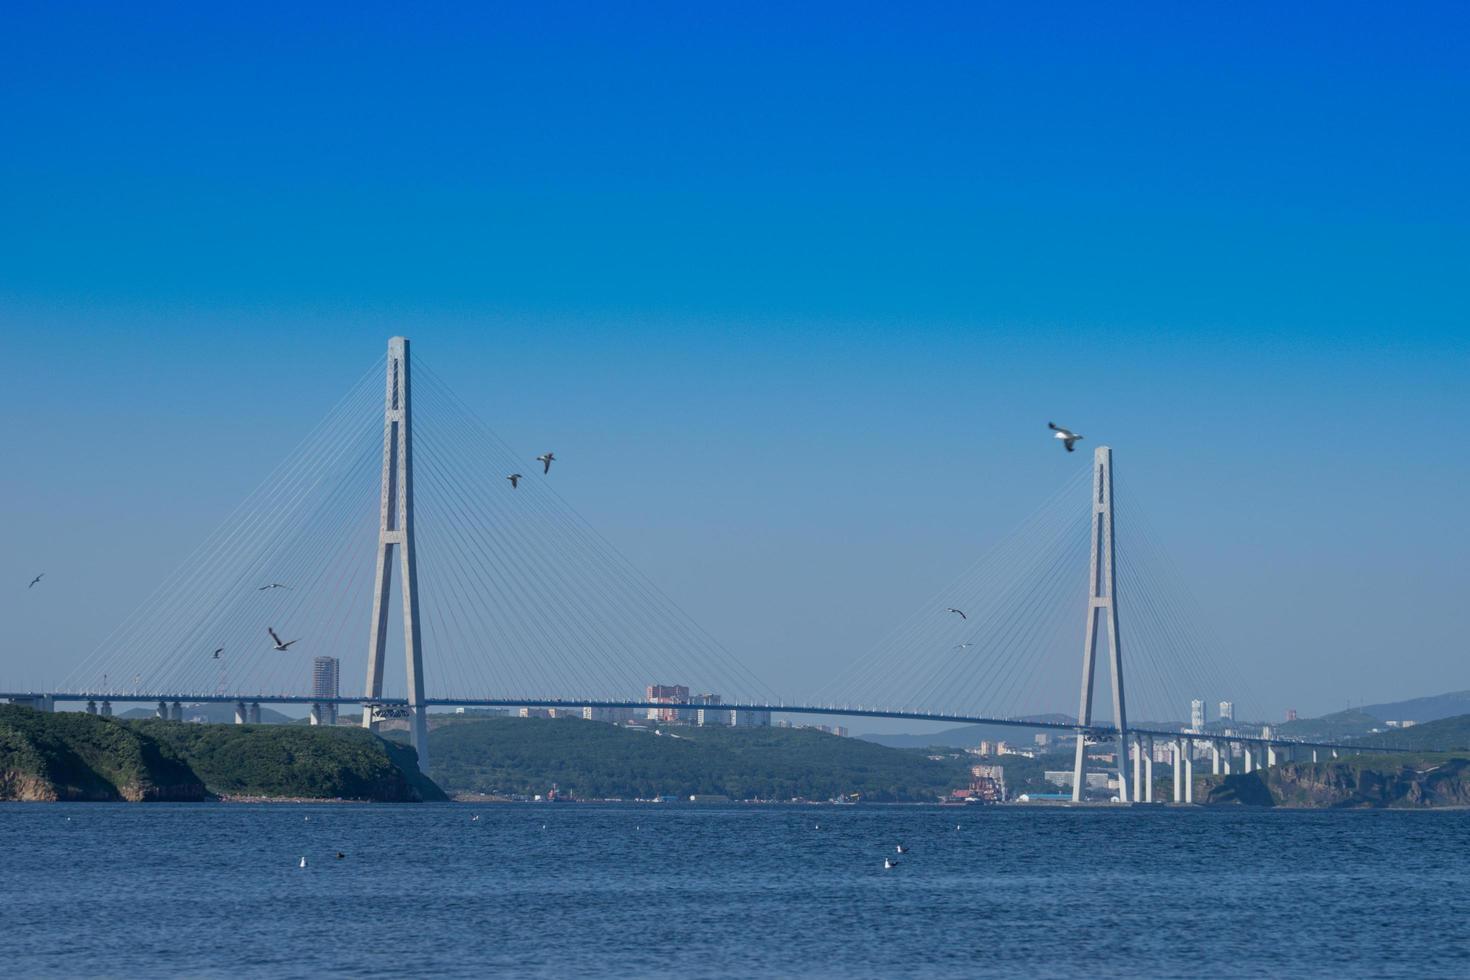 paesaggio marino con vista sul ponte russo all'orizzonte. foto